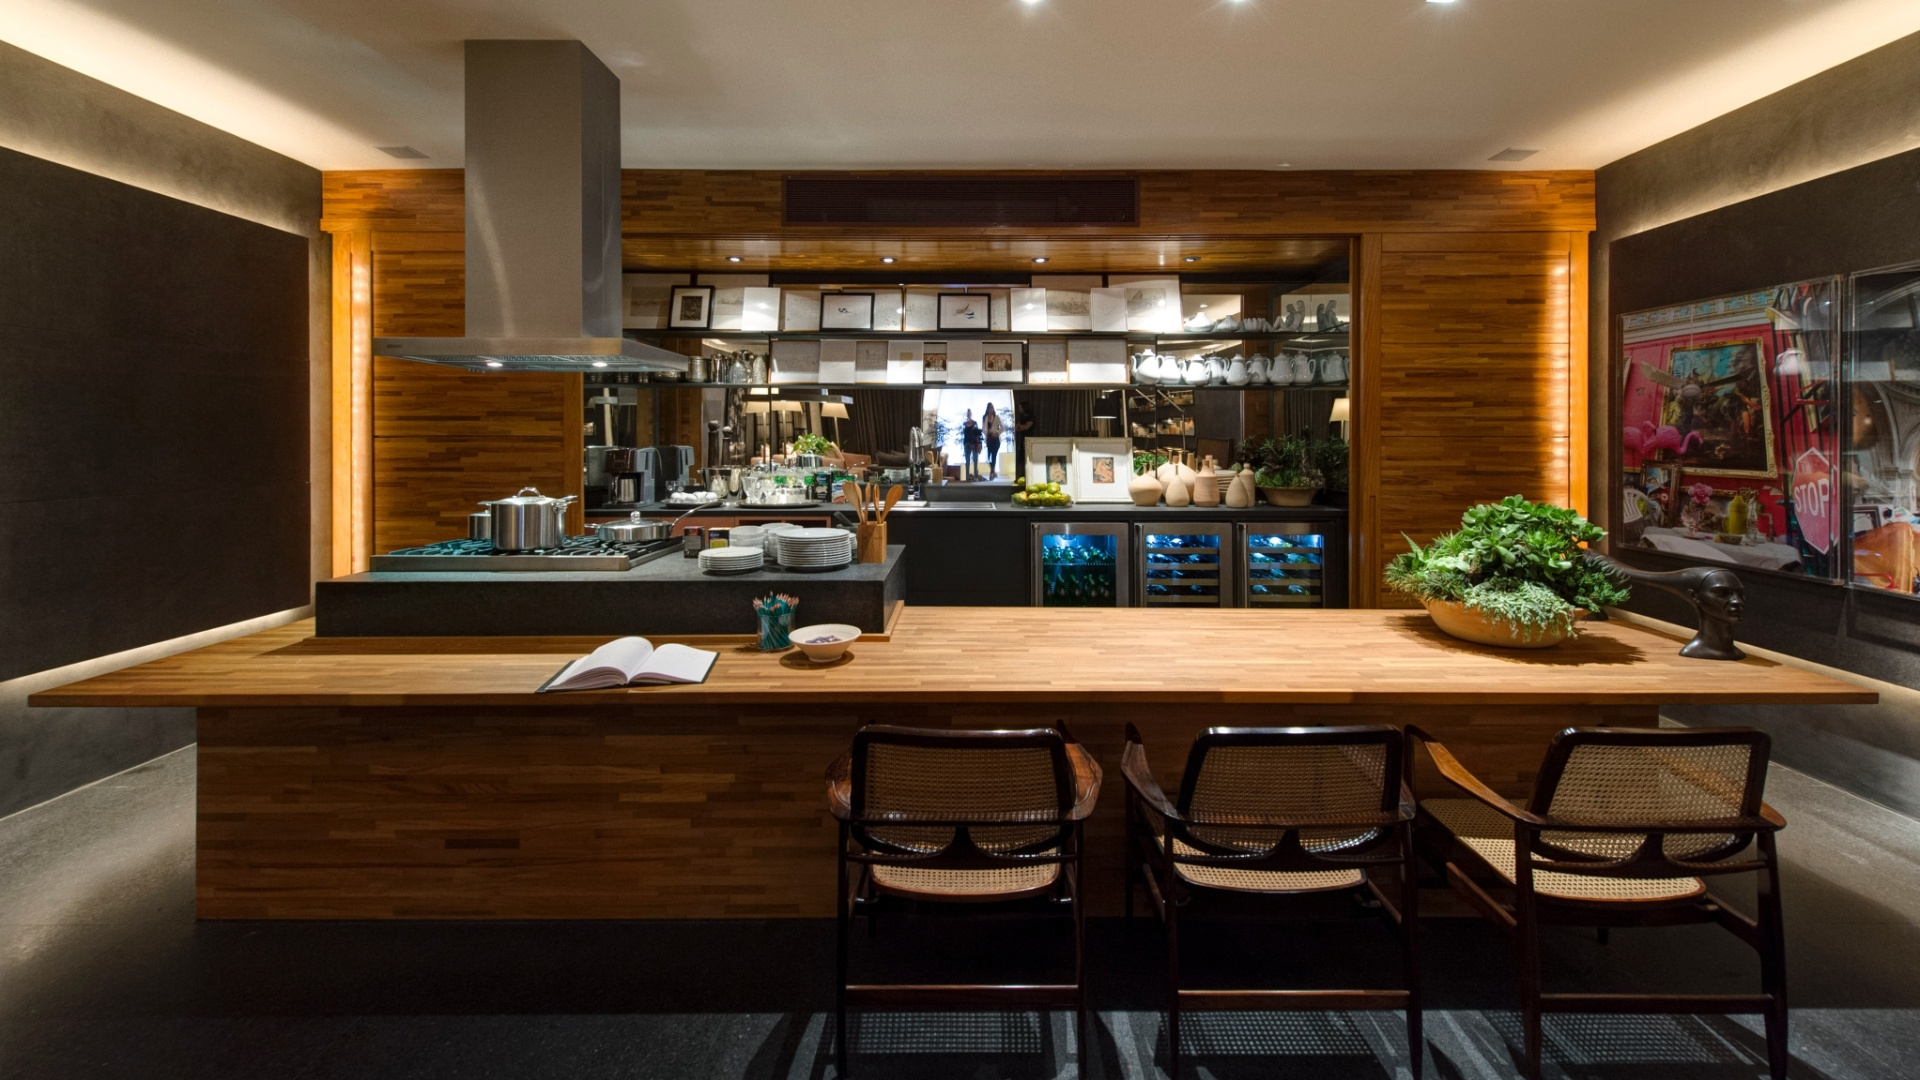 modelos de bancadas de madeira na cozinha 8 #A76924 1920 1080